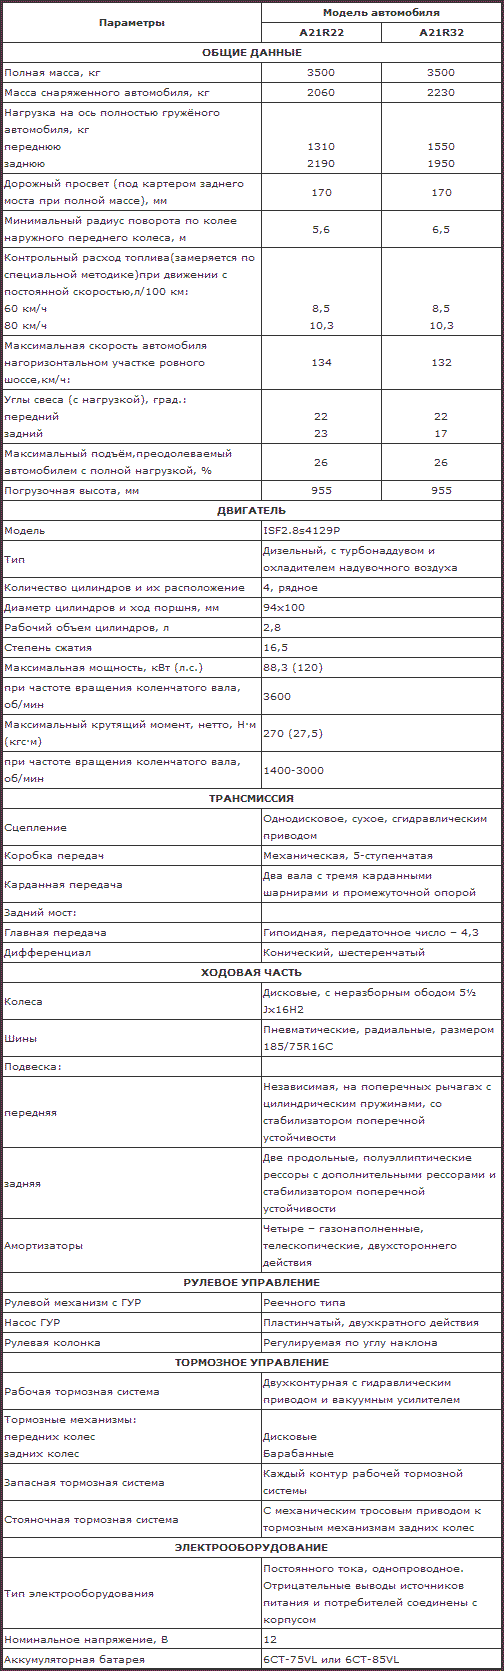 Технические характеристики стандартной и удлиненной платформы